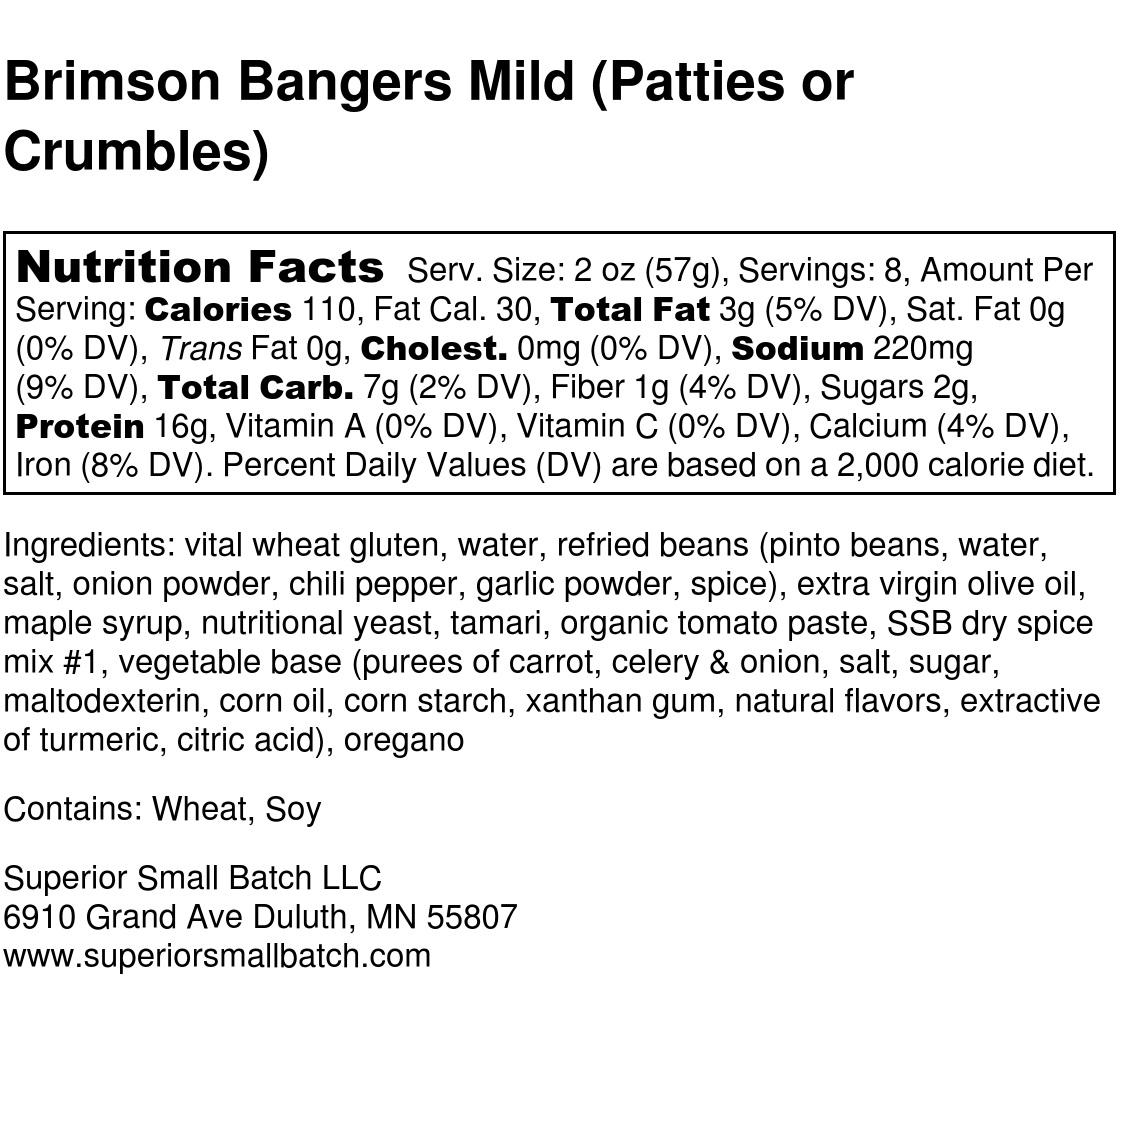 Brimson Bangers Mild Nutrition Label FULL.jpg